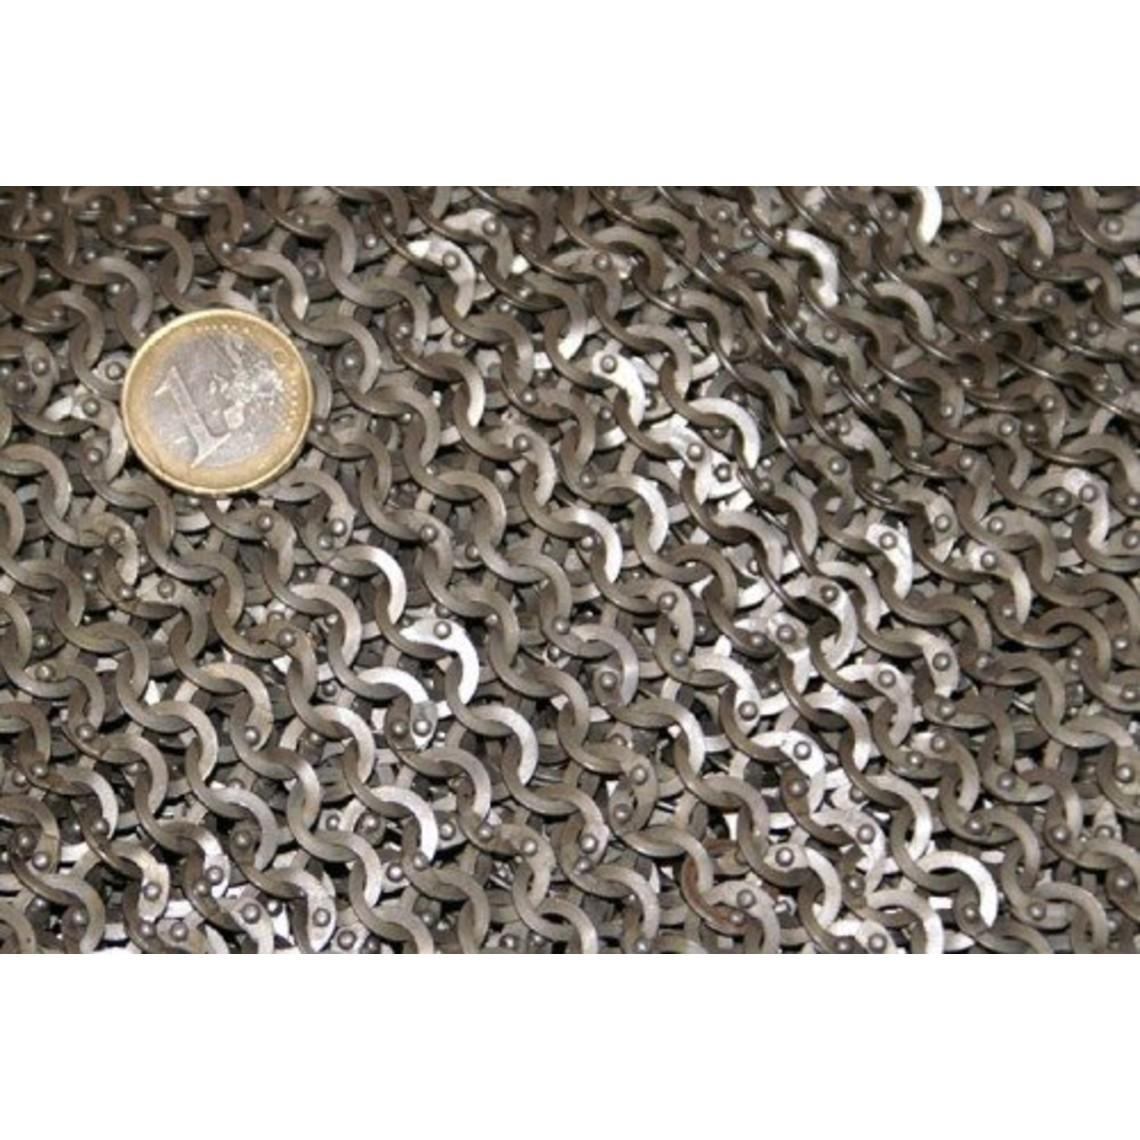 Ulfberth Brynjefrakke med mid-længde ærmer, Flade ringe - Runde nitter, 8 mm